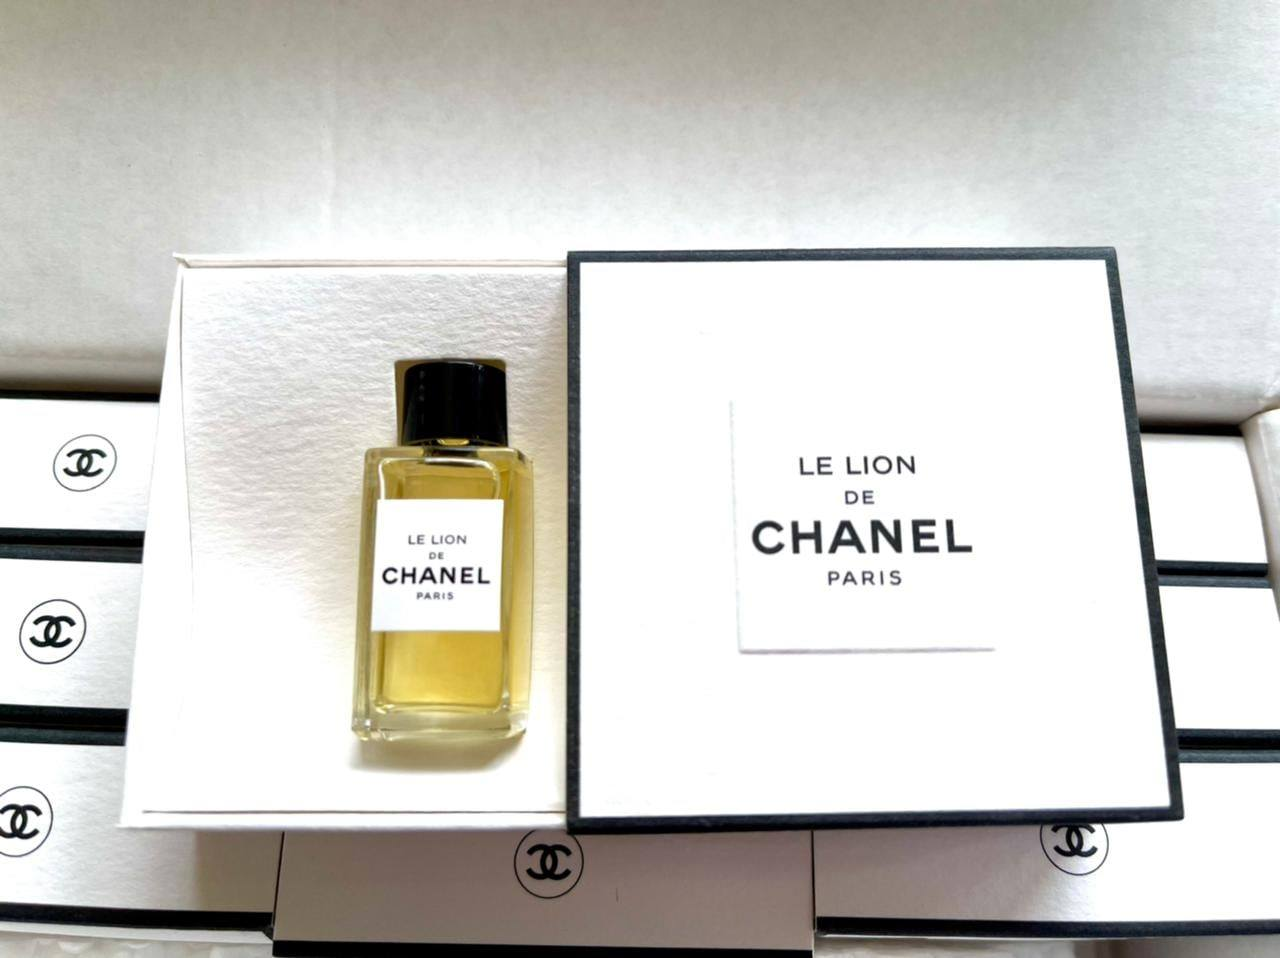 Chanel De Le Lion Les Exclusifs EDP 4ml Mini